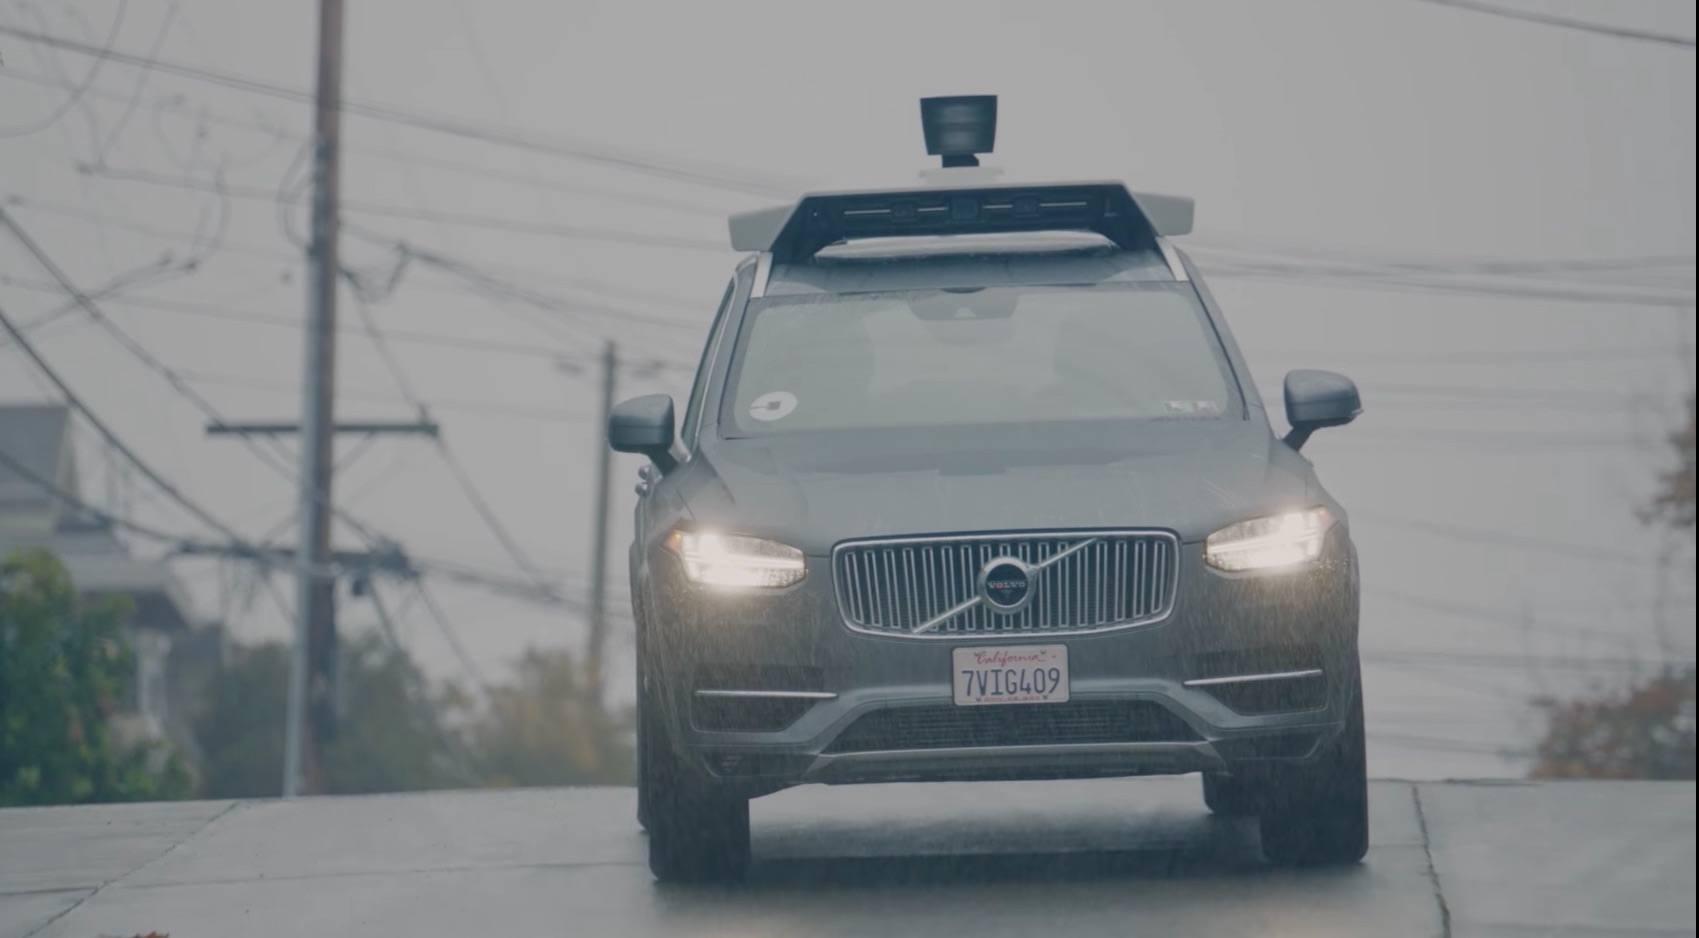 Следствие поделу онаезде робомобиля Uber напешехода озвучило первые выводы